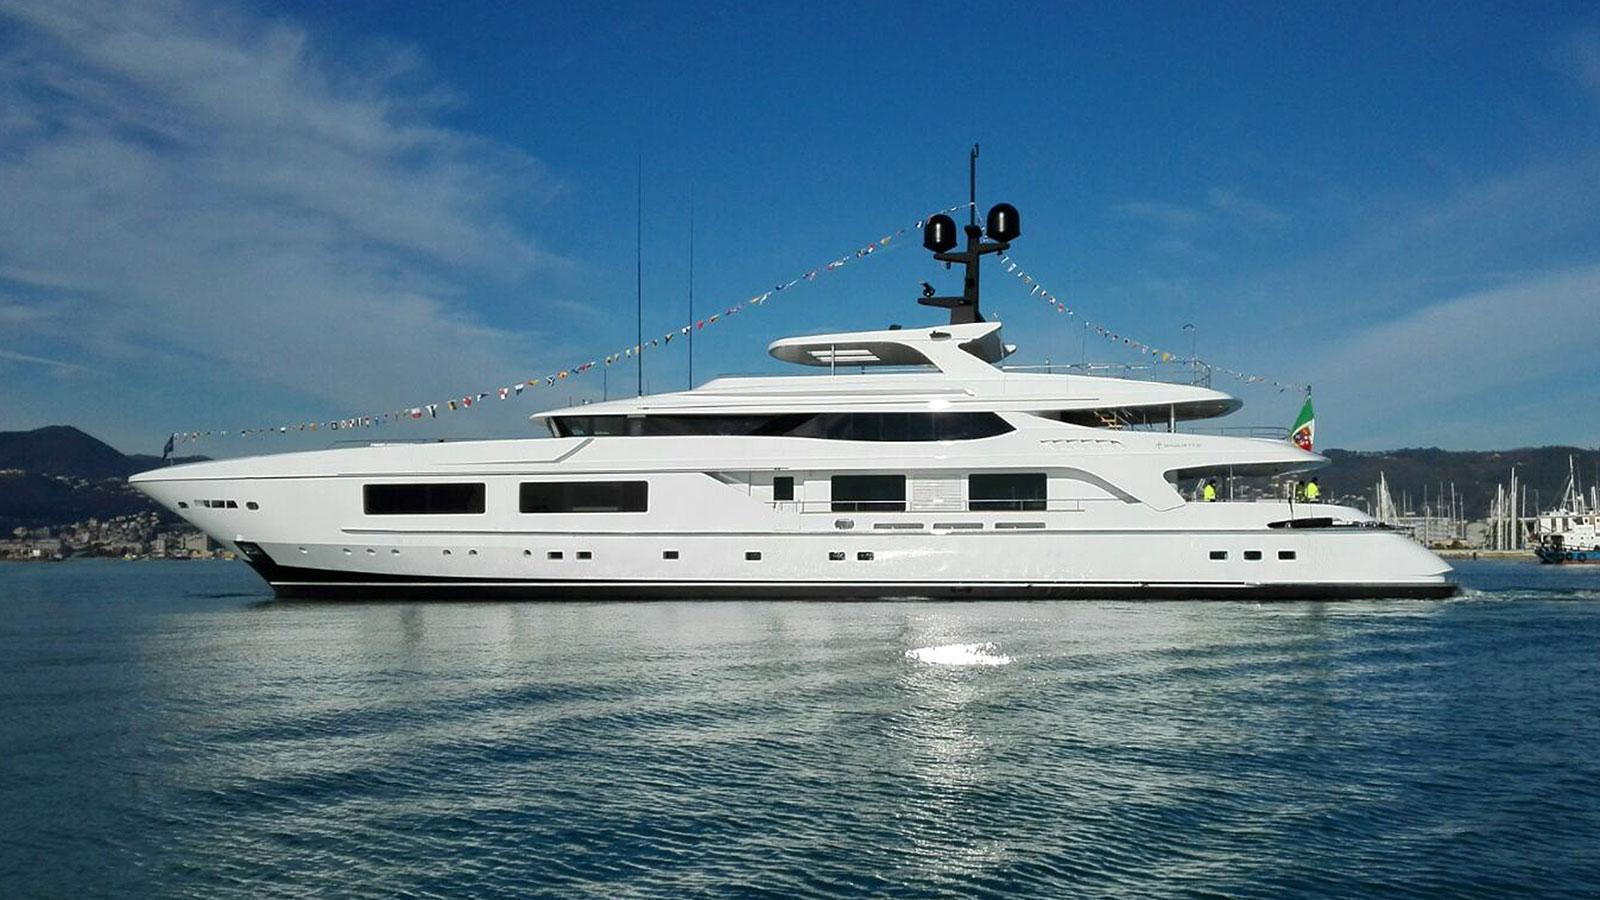 unicorn-motor-yacht-baglietto-2016-54m-profile